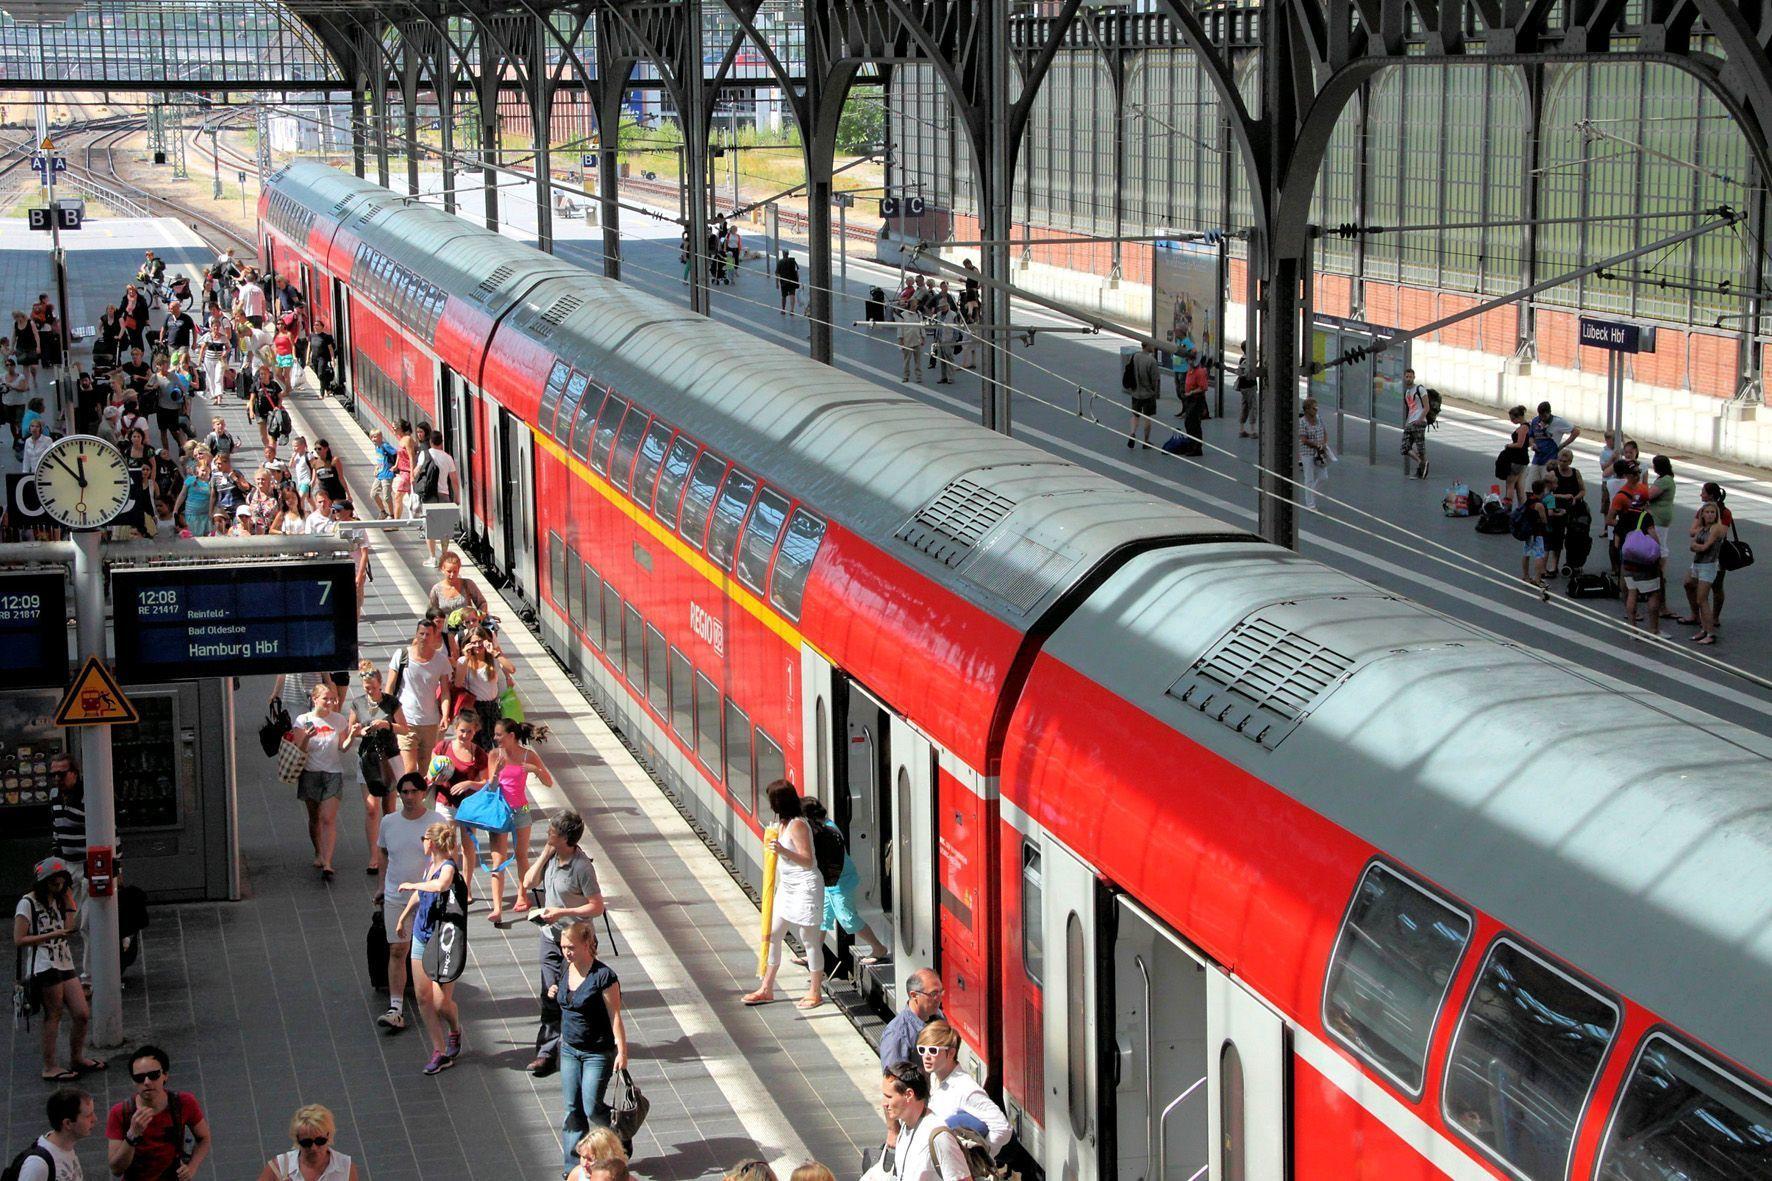 mid Groß-Gerau - Das Bundesverkehrsministerium will die Höhe der Bahnsteigkanten an Bahnhöfen vereinheitlichen. Das Problem: Dann wären viele Gleise nicht mehr barrierefrei.